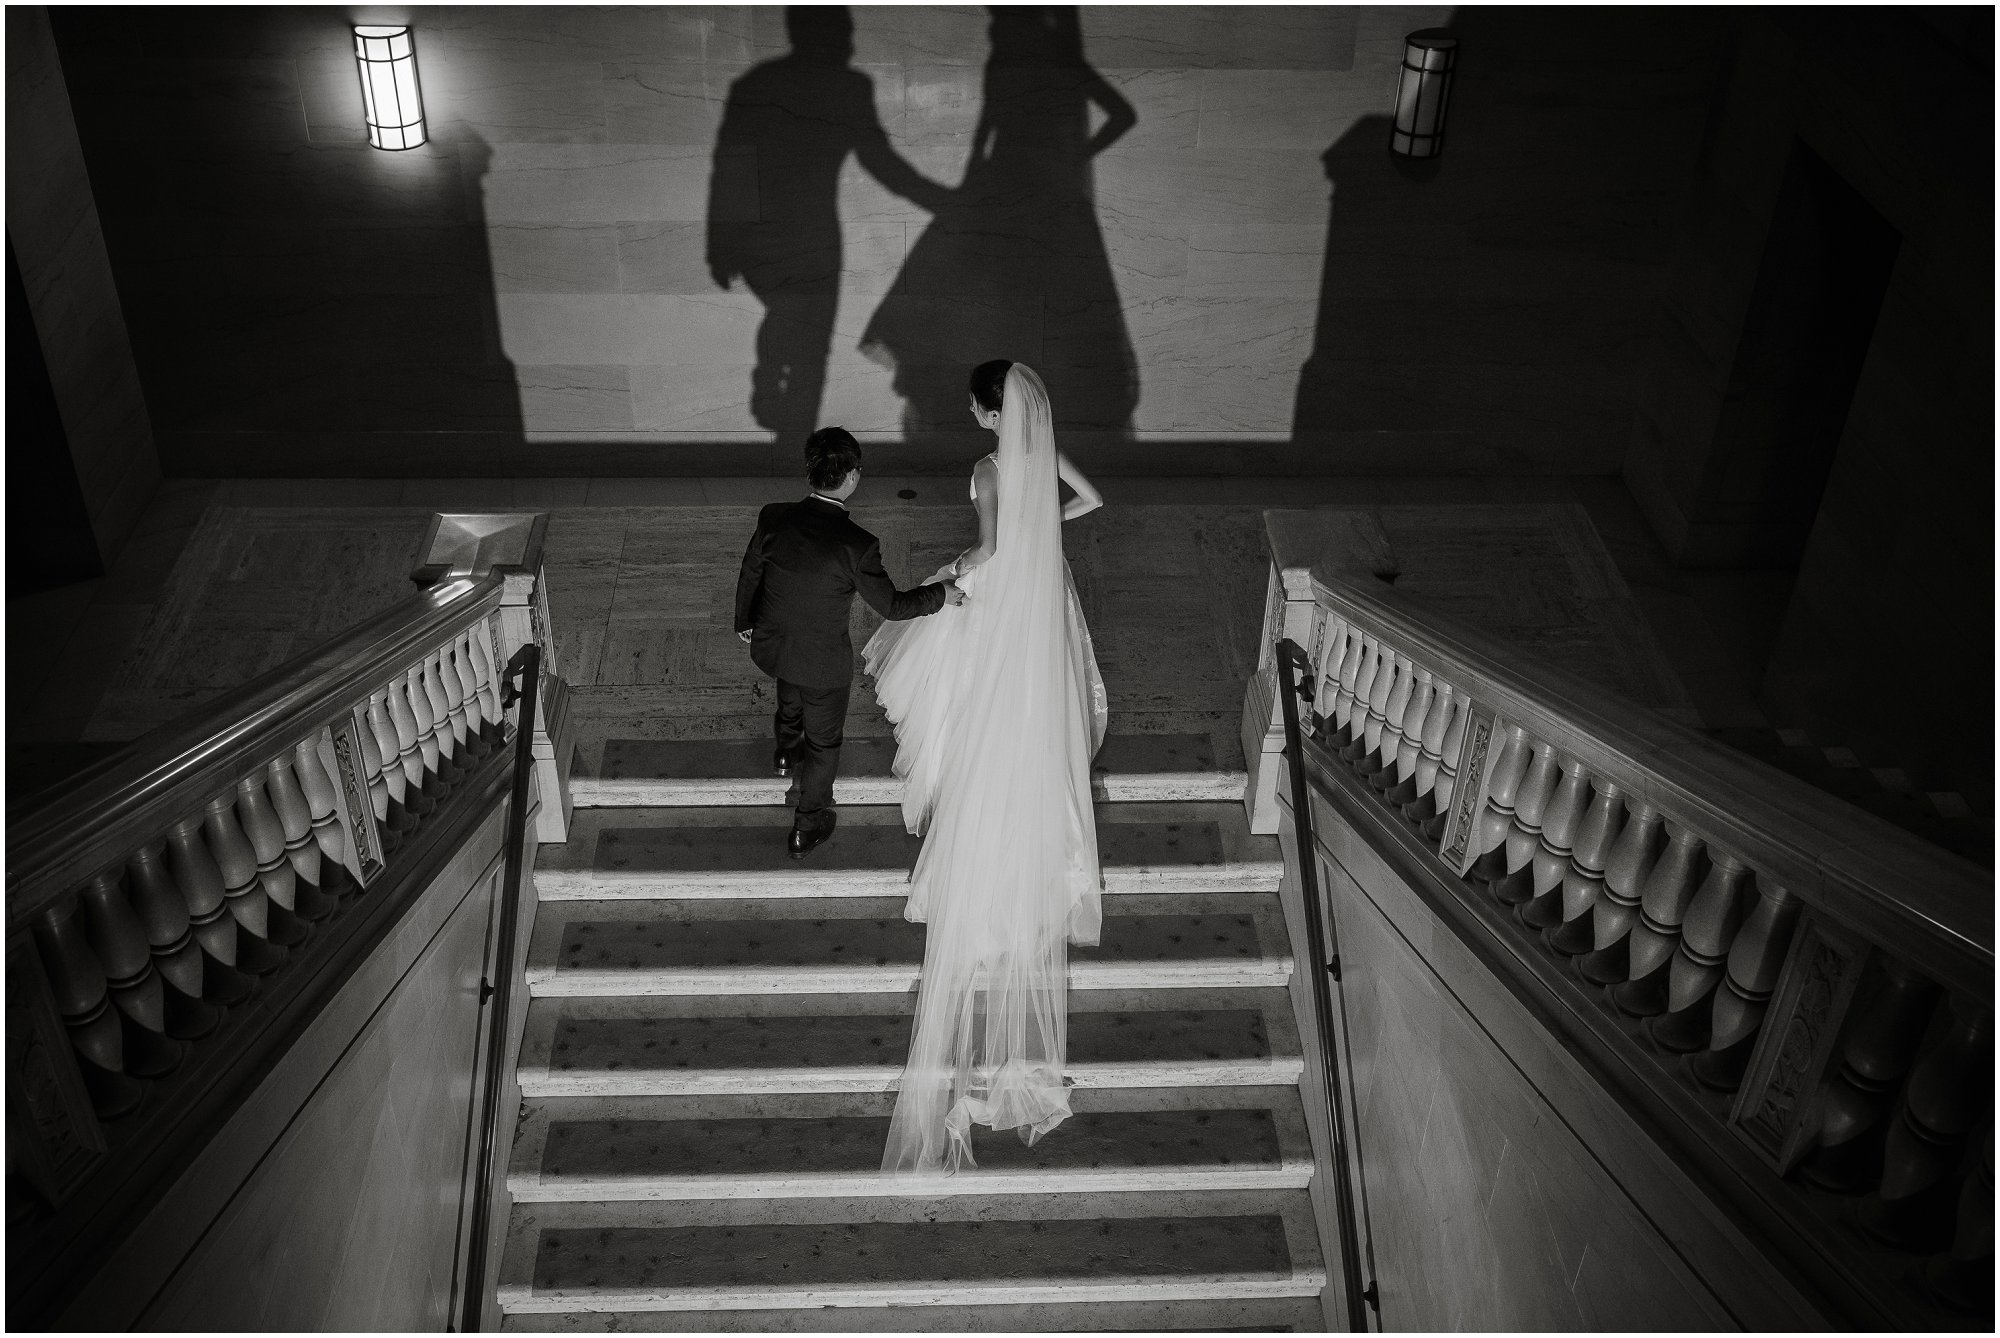 University-of-michigan-museum-of-art-wedding_1360.jpg